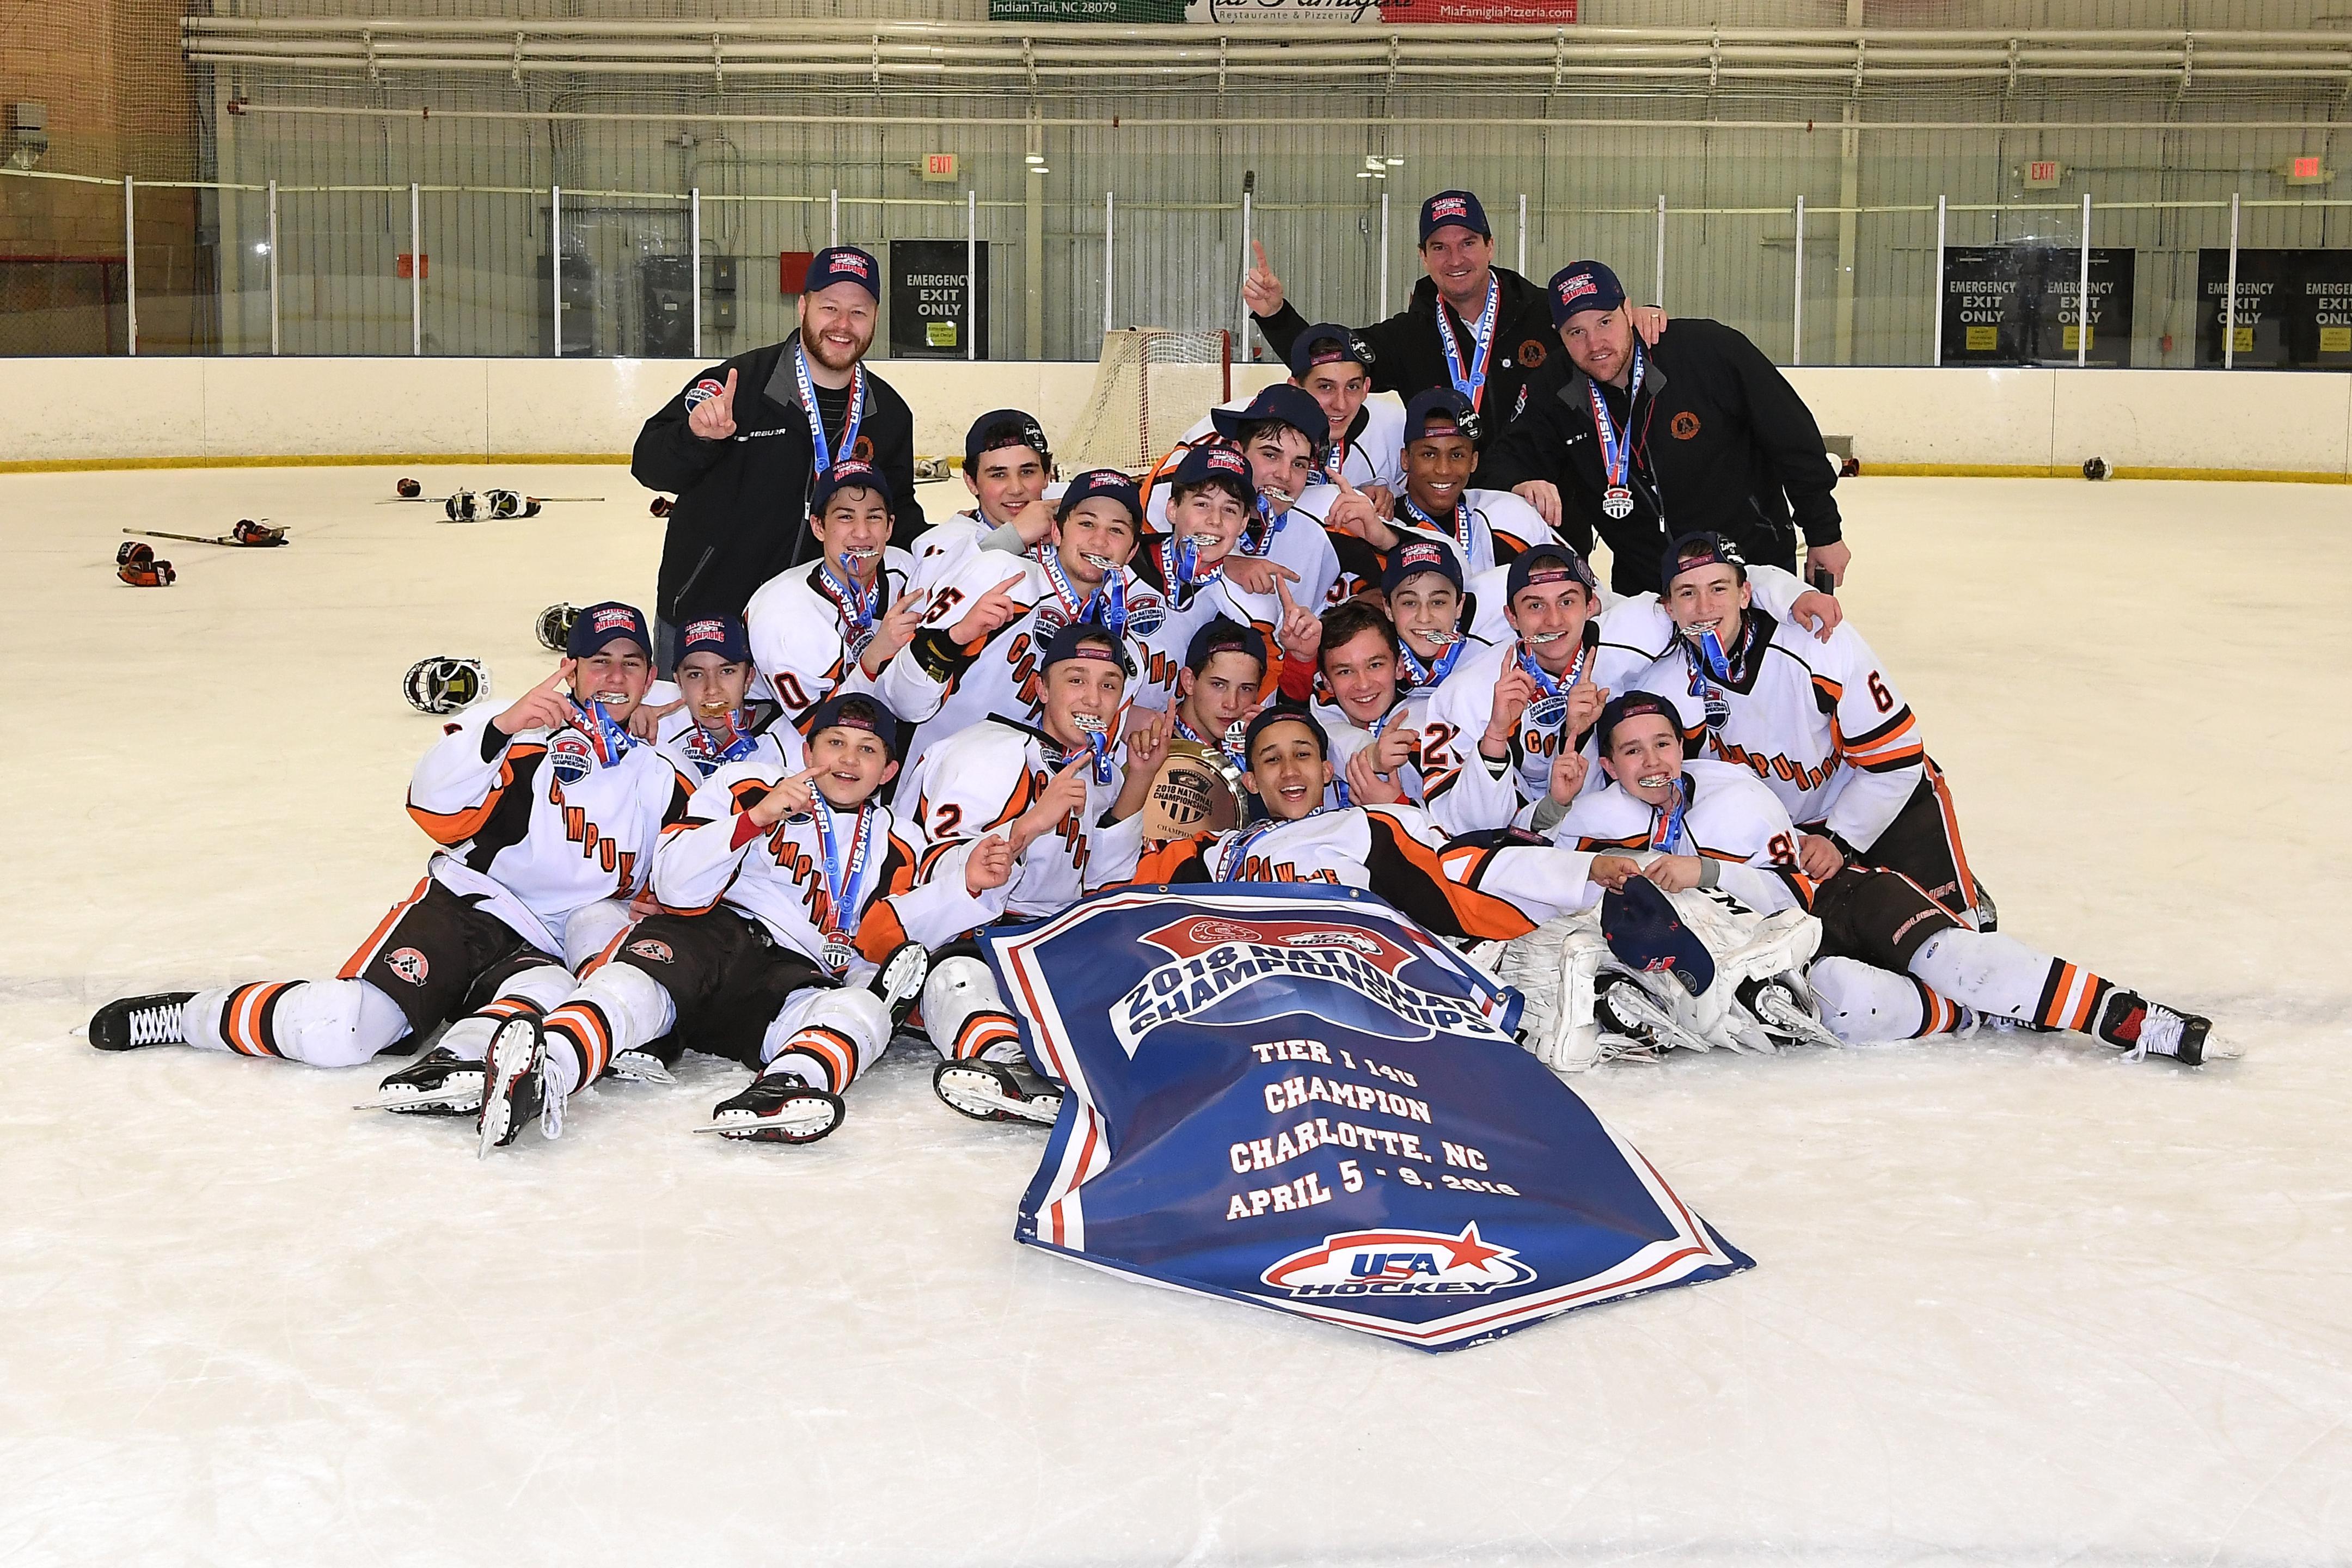 2018 Usa Hockey Youth Nationals